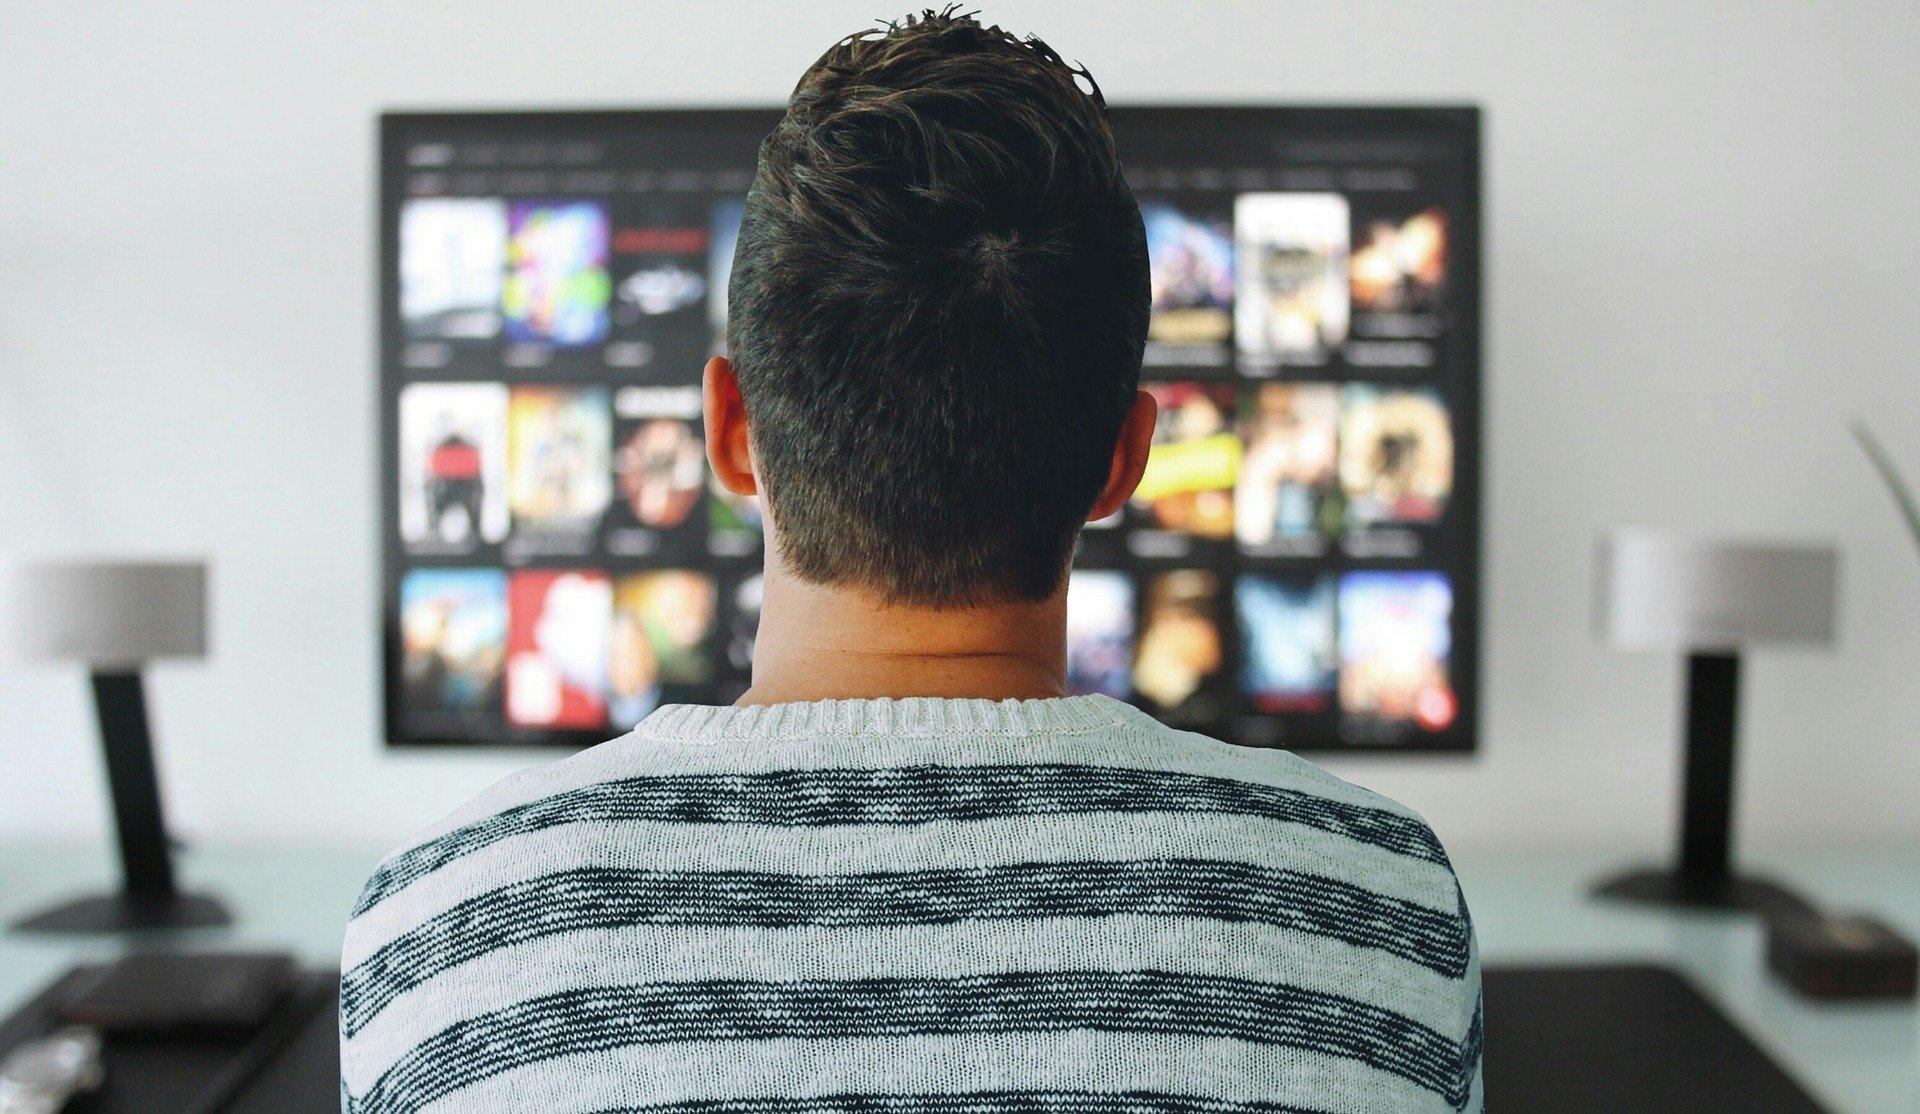 3 horas, 29 minutos e seis segundos em frente à TV